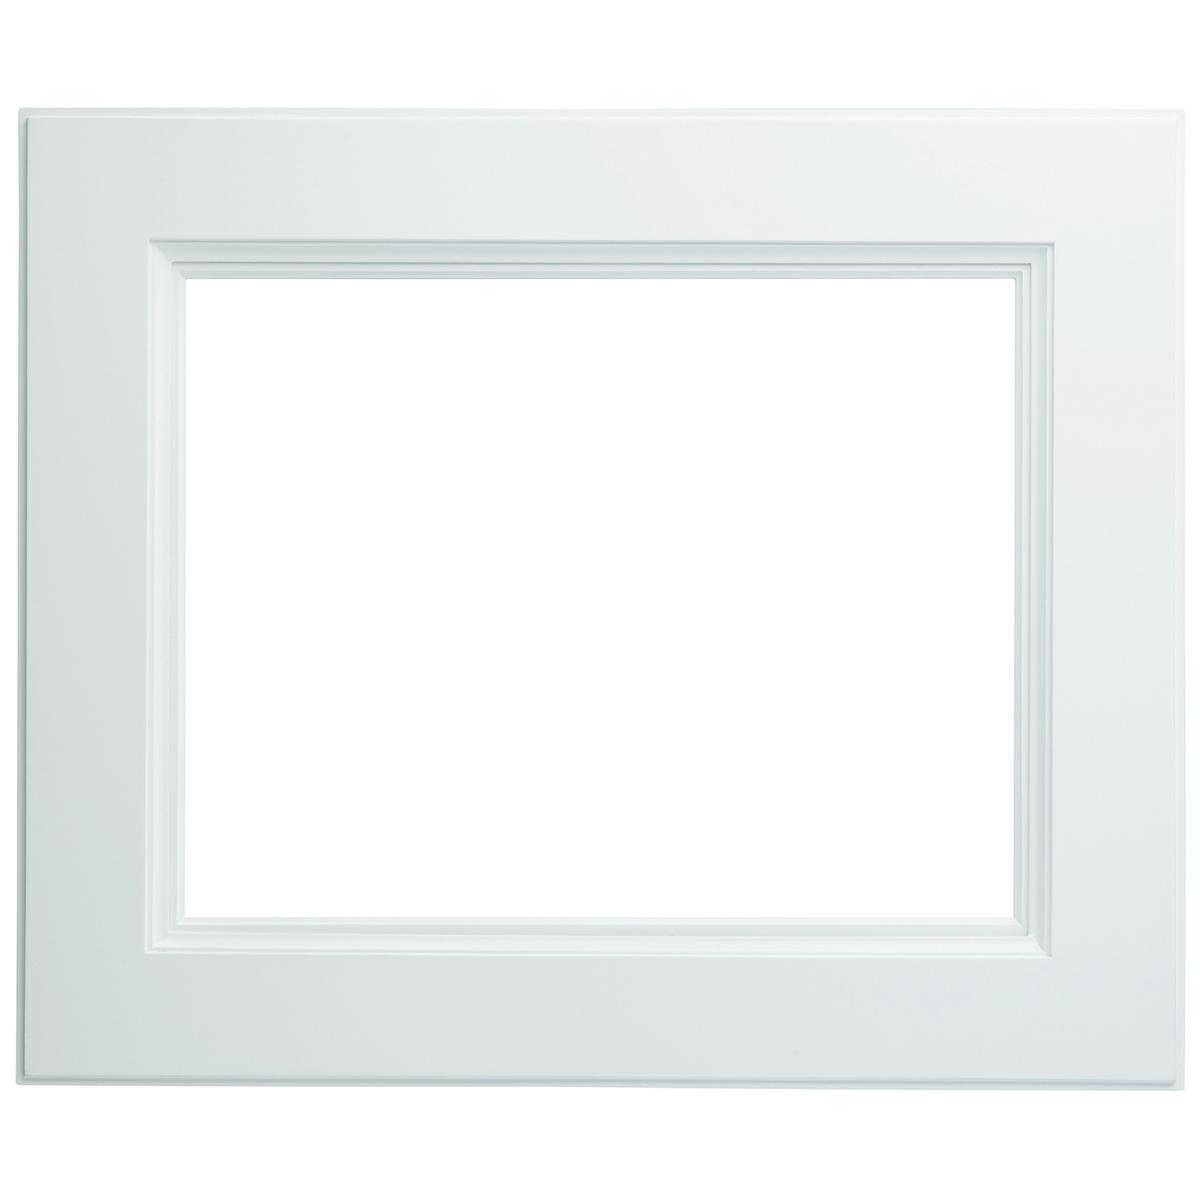 【大型便・時間指定不可】ラーソン・ジュール 油絵用額縁 A263 F30 ホワイト